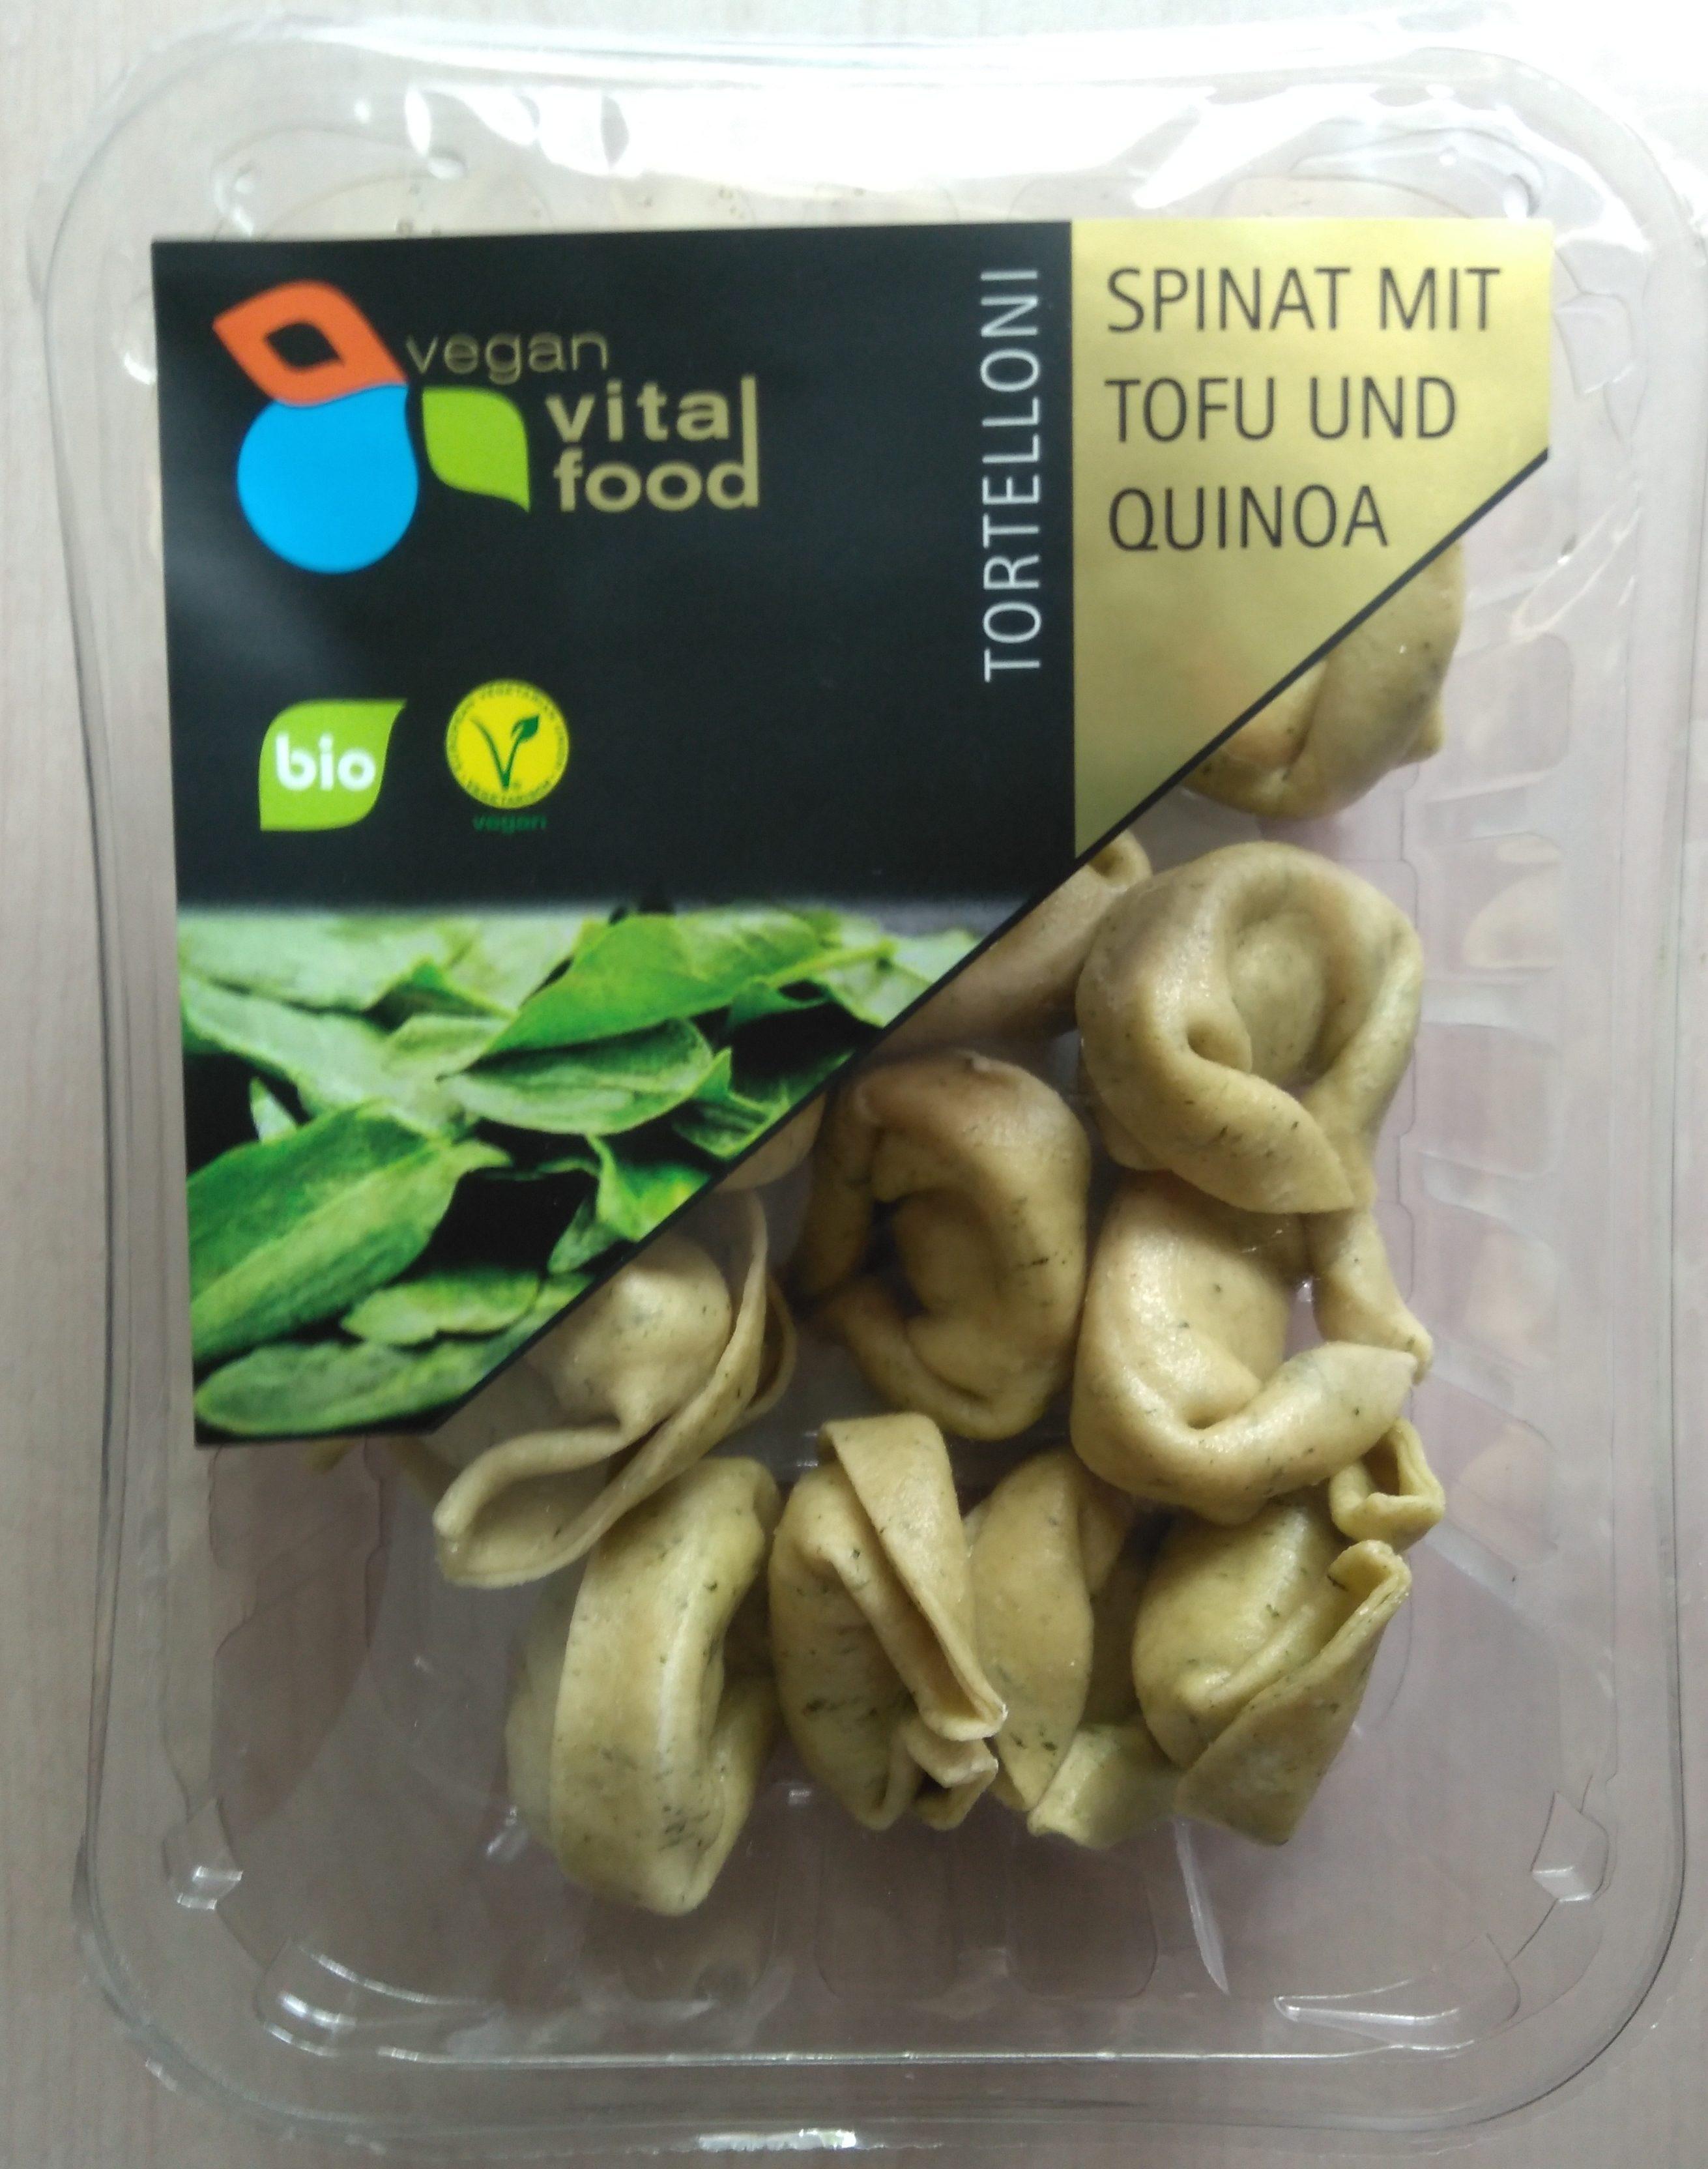 Tortelloni Spinat mit Tofu und Quinoa - Produit - de